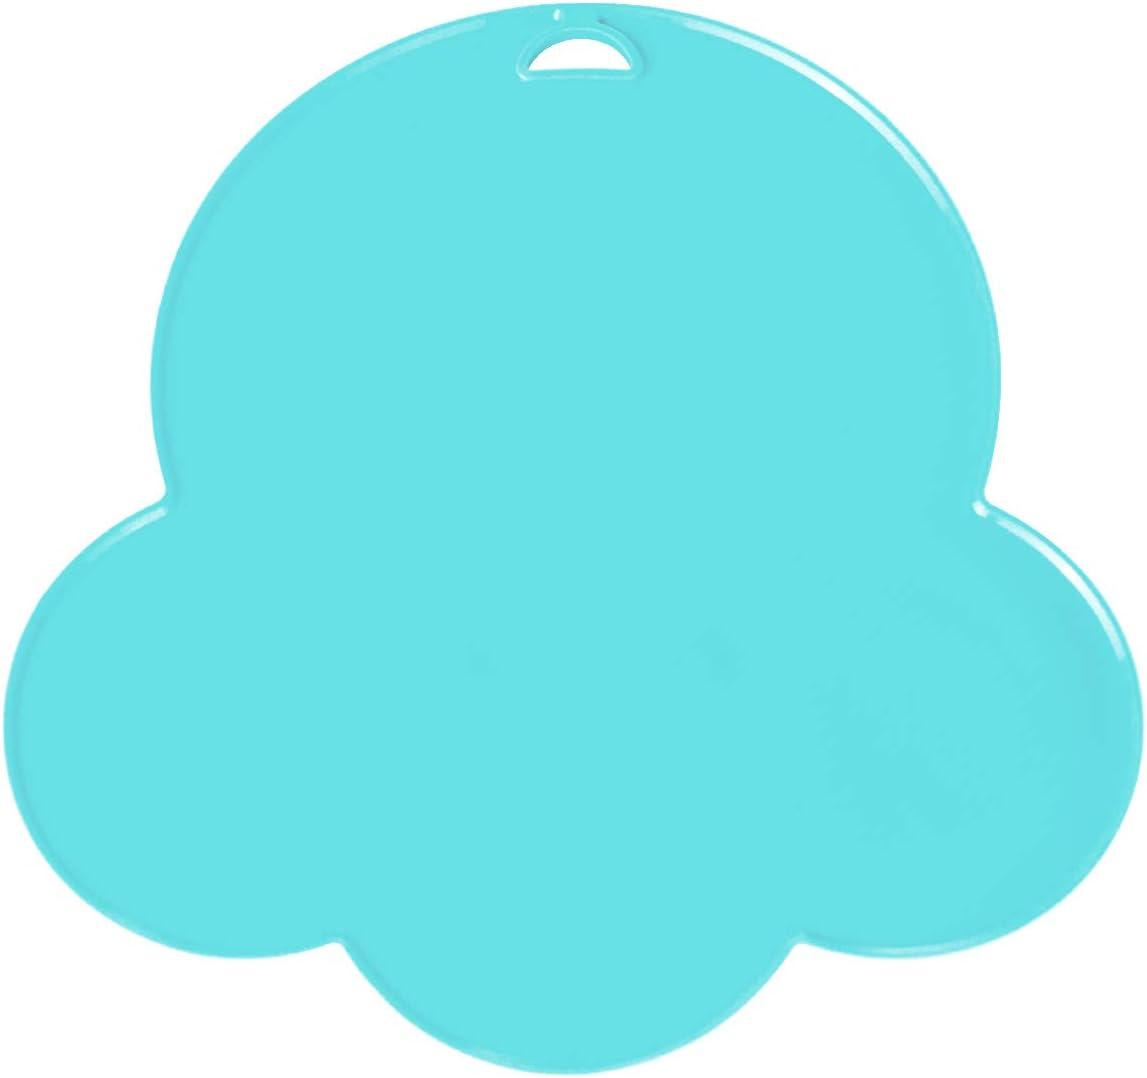 Yuccer Platos de Silicona para Bebes Ni/ños Antideslizantes Cubiertos Bebe Cuchara FDA y Sin BPA Azul